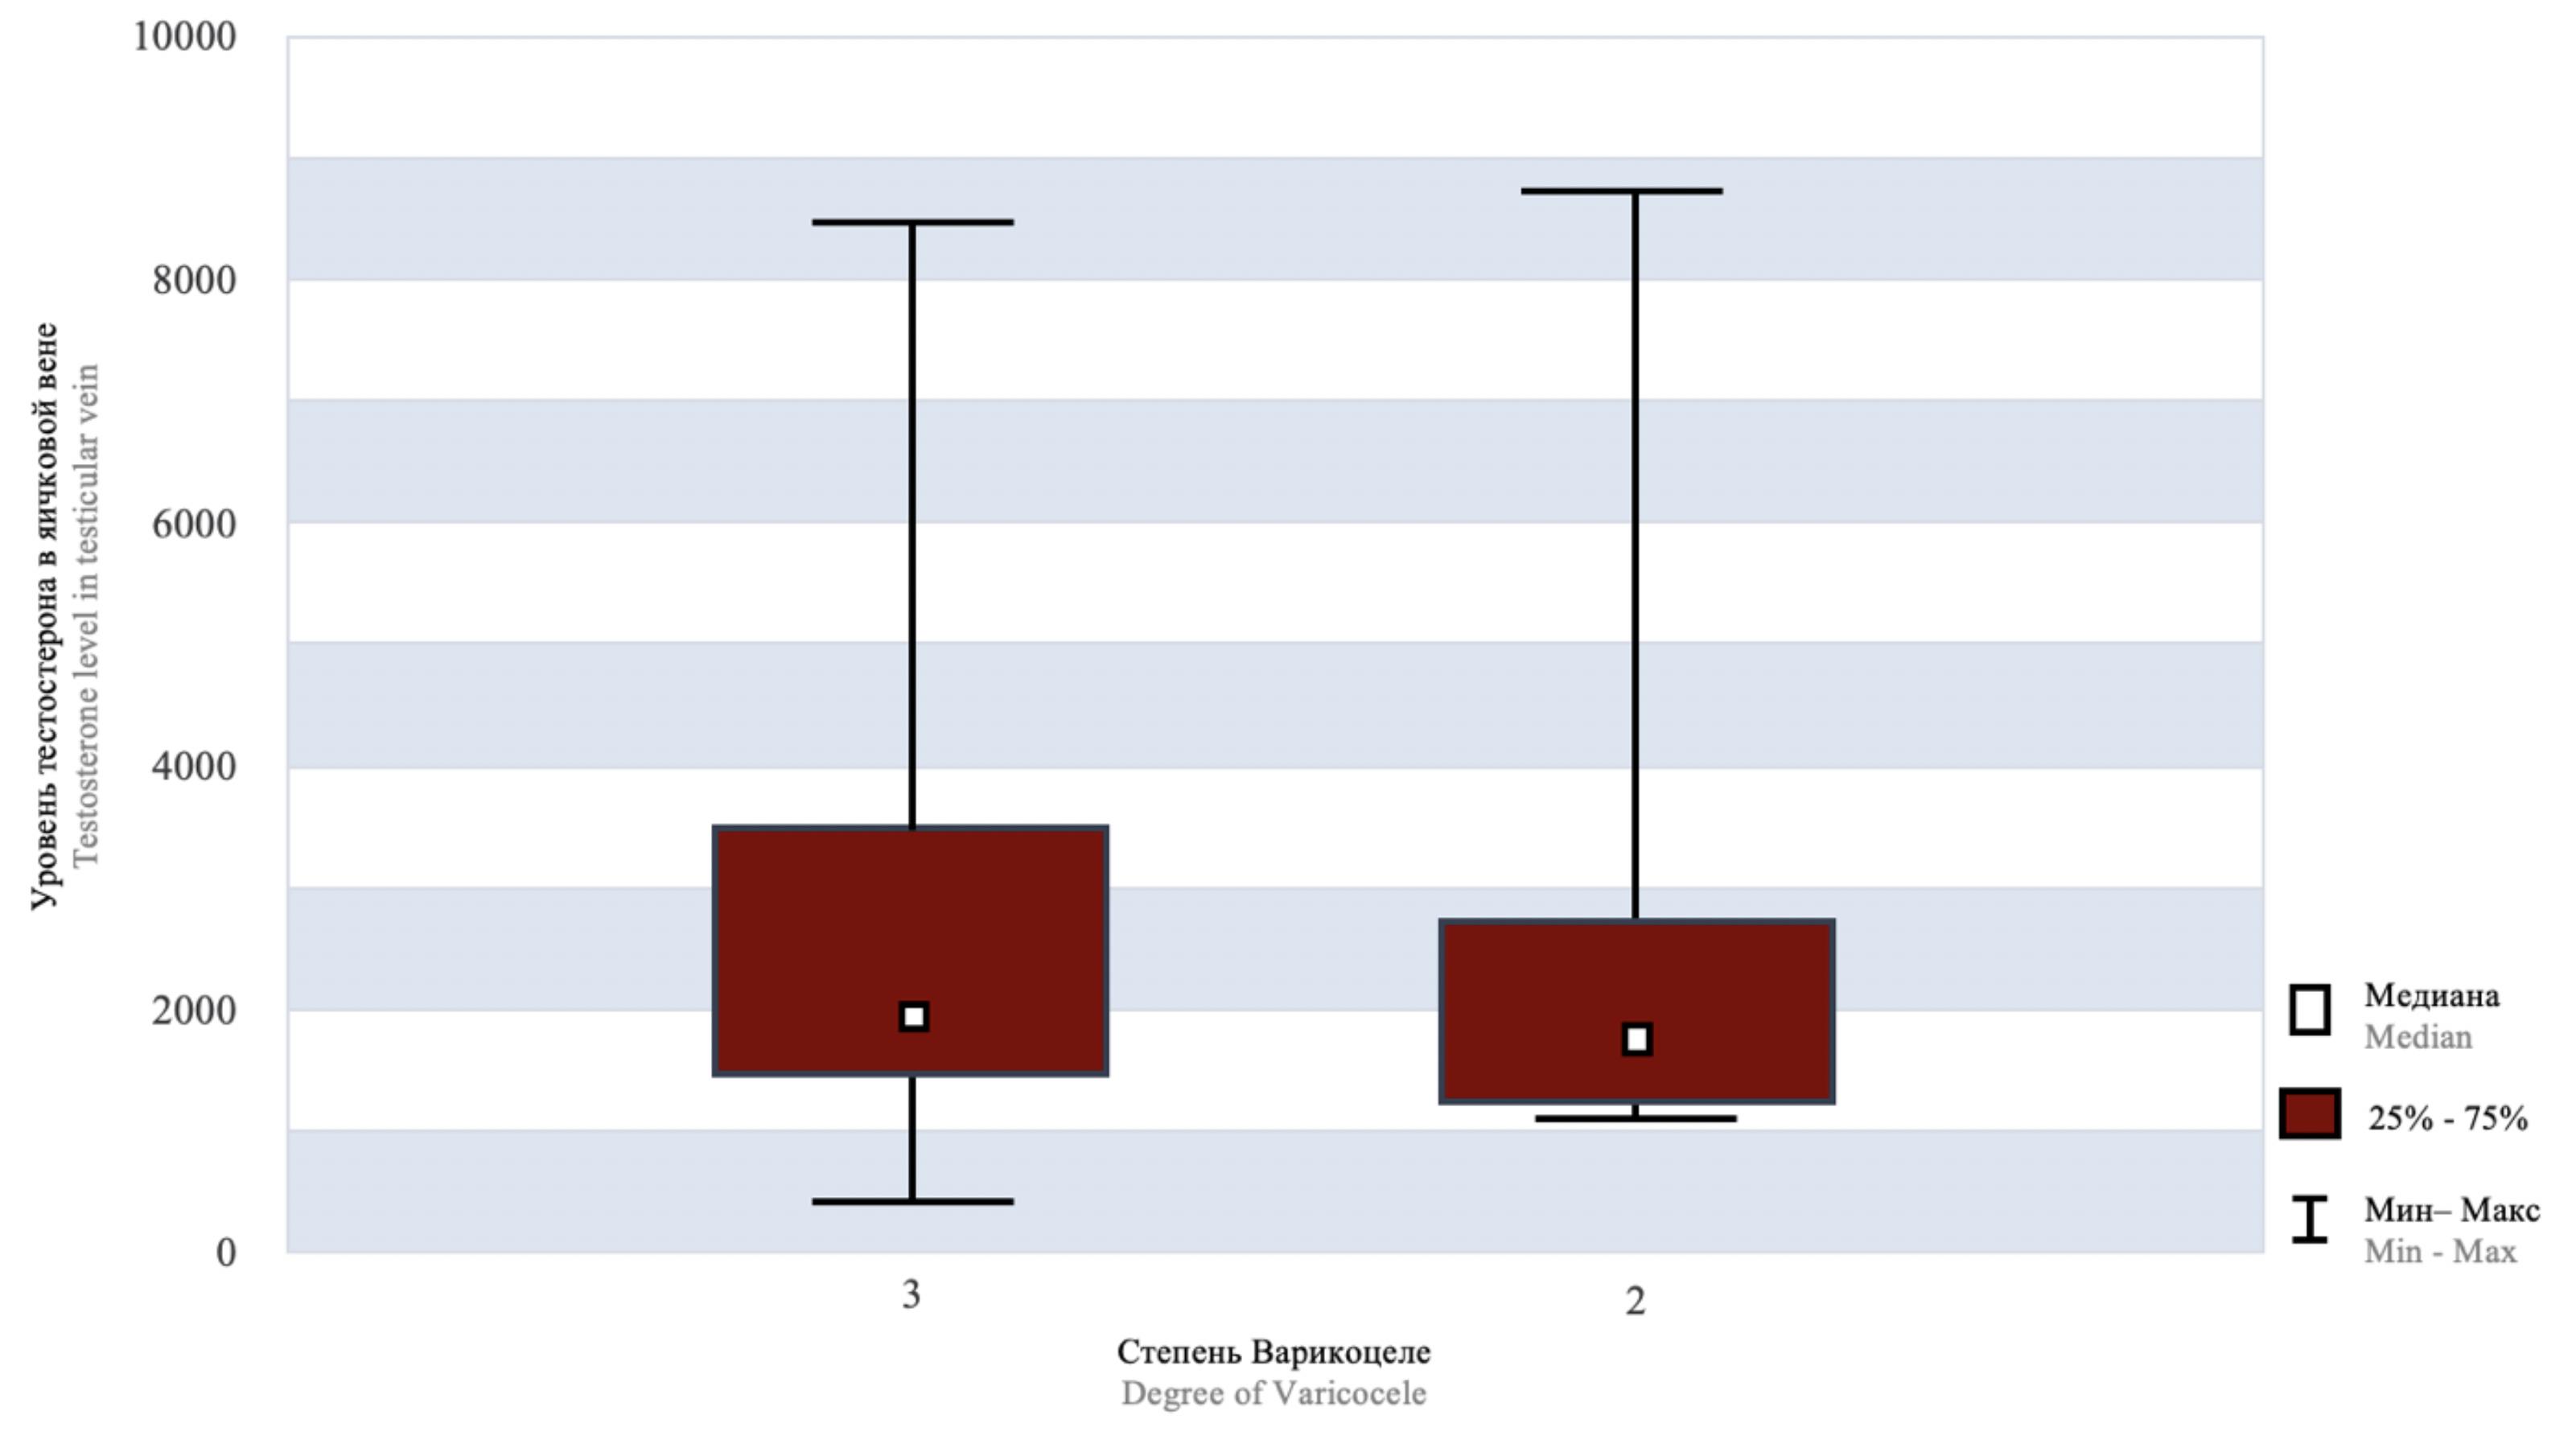 Уровень тестостерона у пациентов со II и III степенью варикоцеле